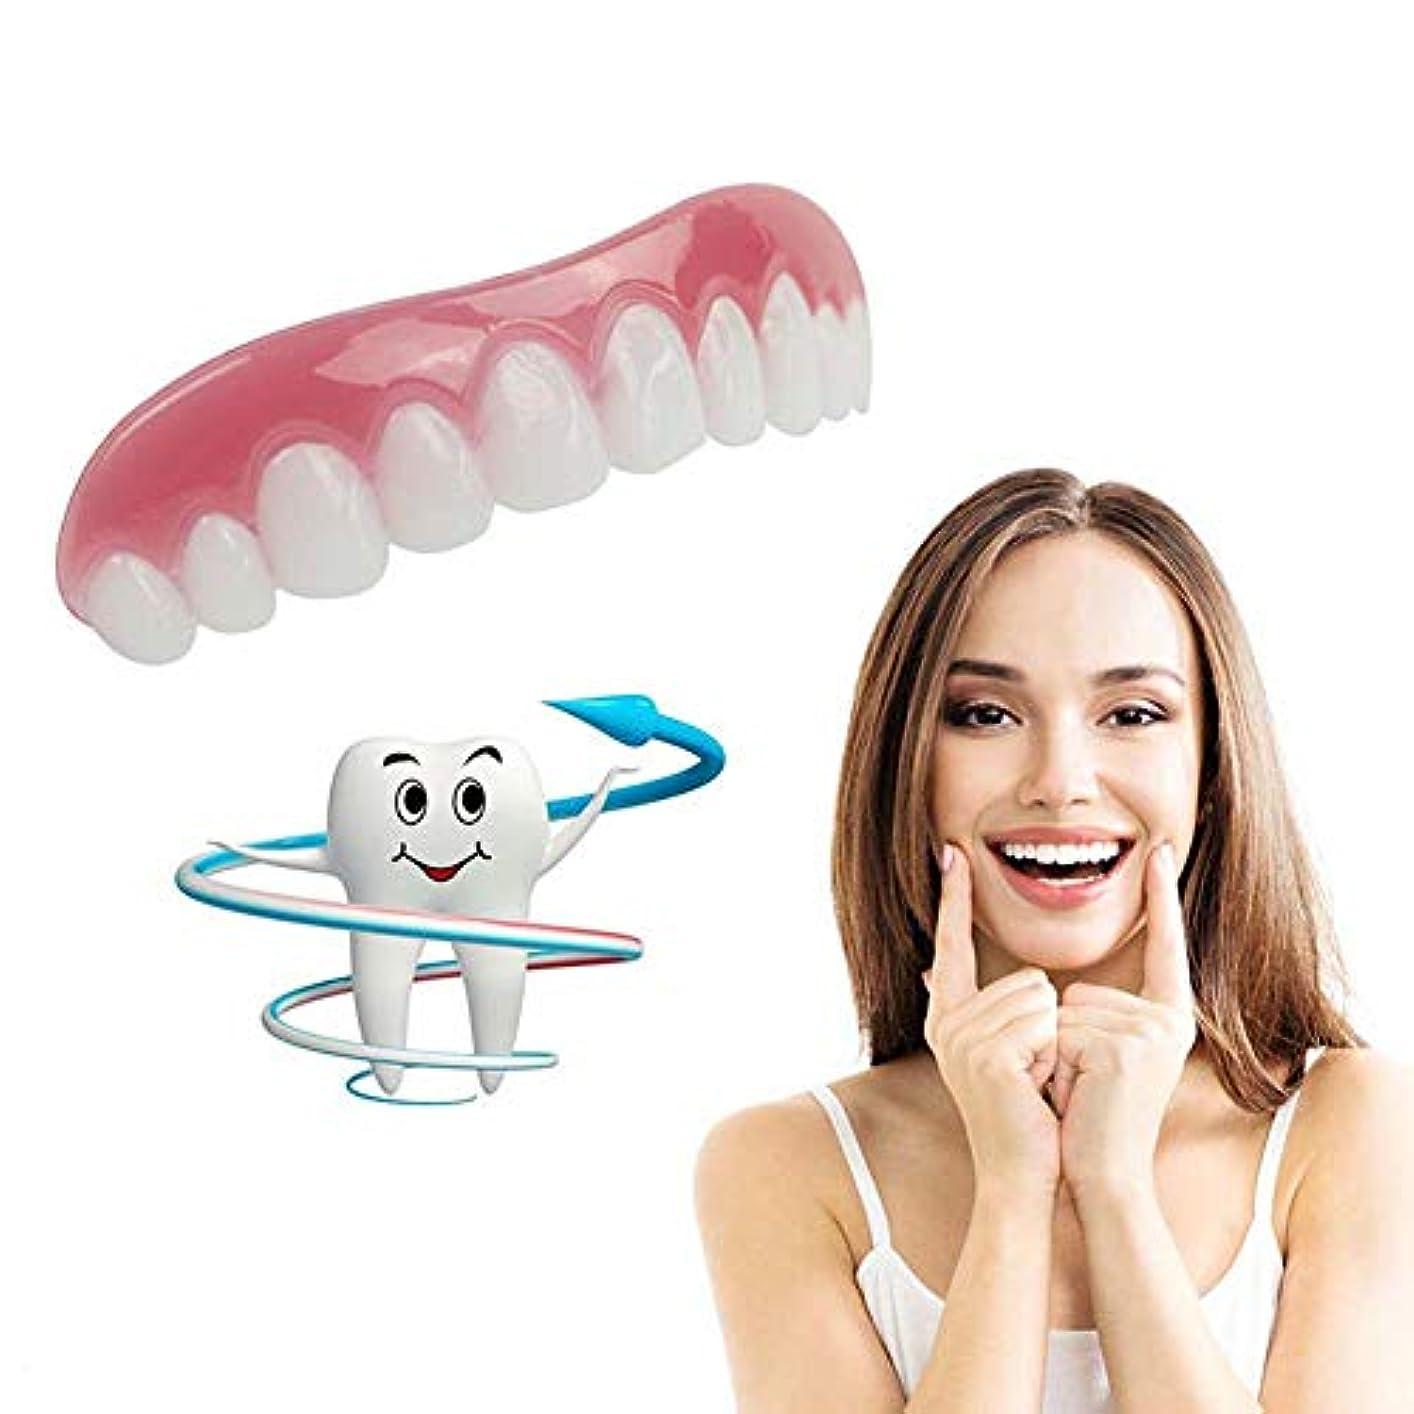 長々と直接確実化粧品の歯、超快適、快適なフィット感、白い歯をきれいにするための快適なフィットフレックス歯ソケット、快適なフィット感、3セット